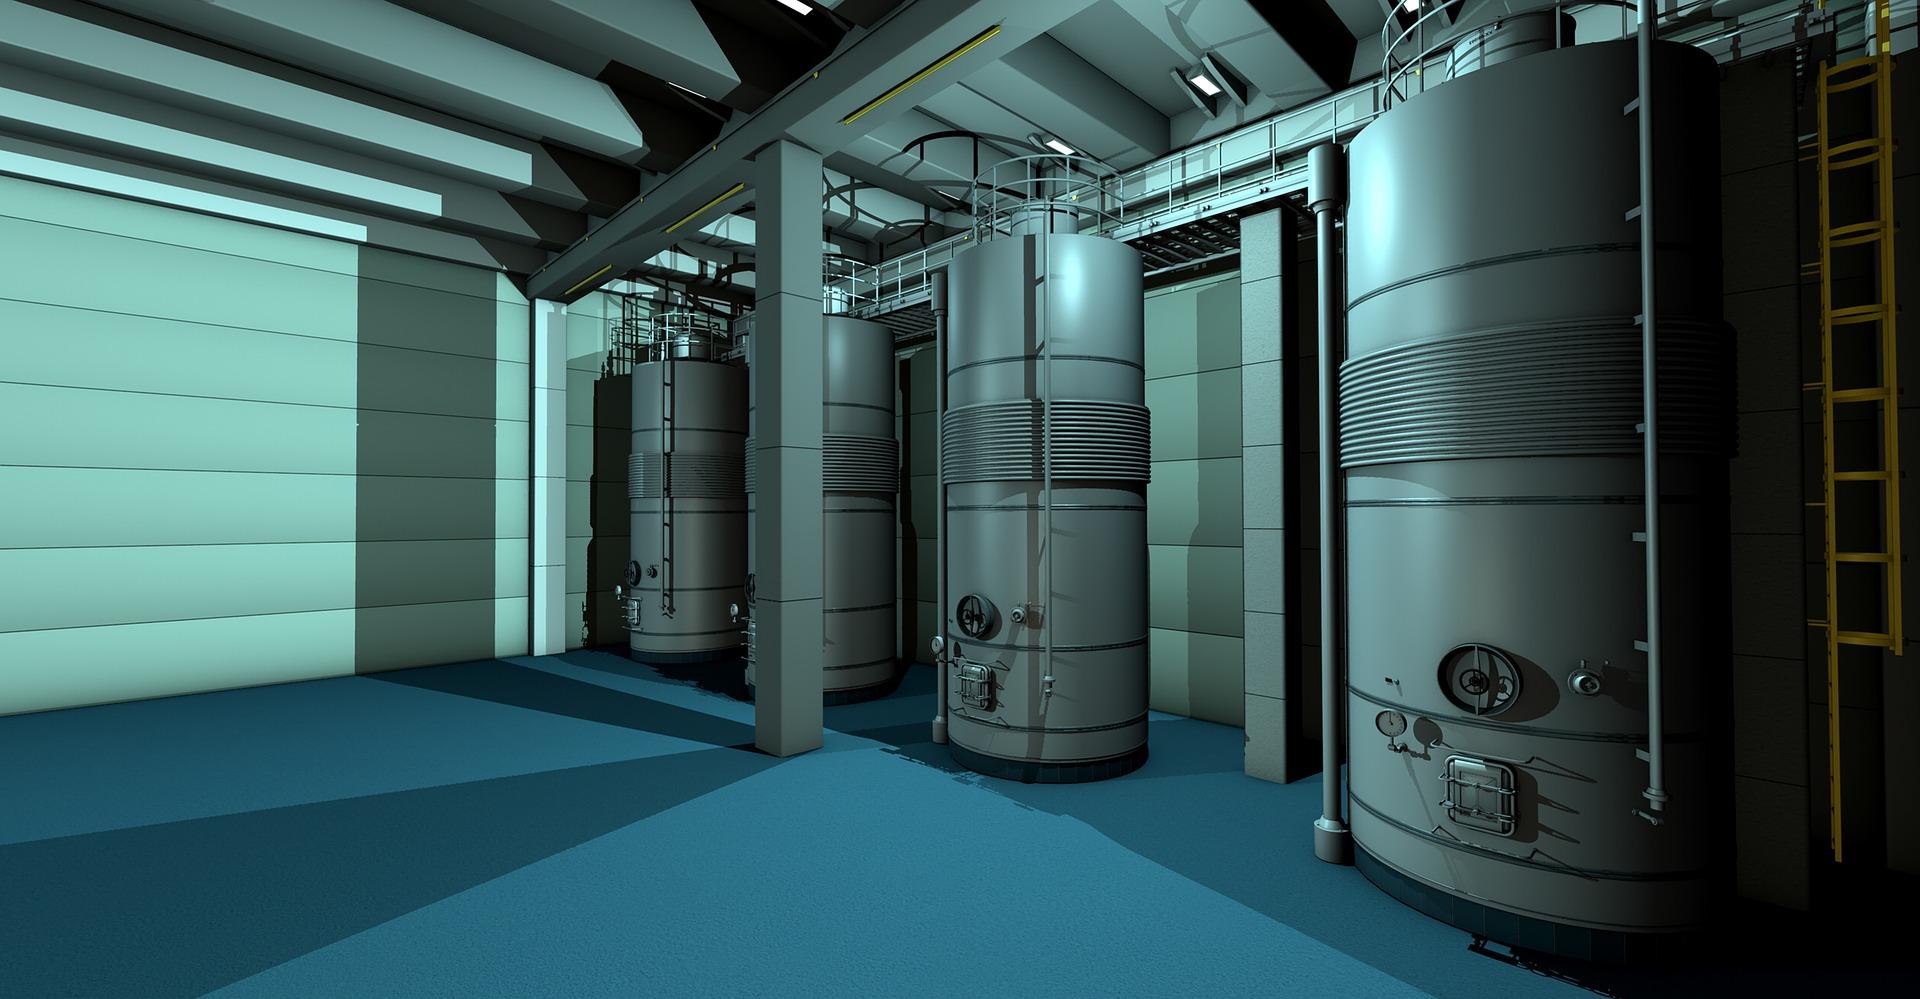 Boiler Room 3D rendering